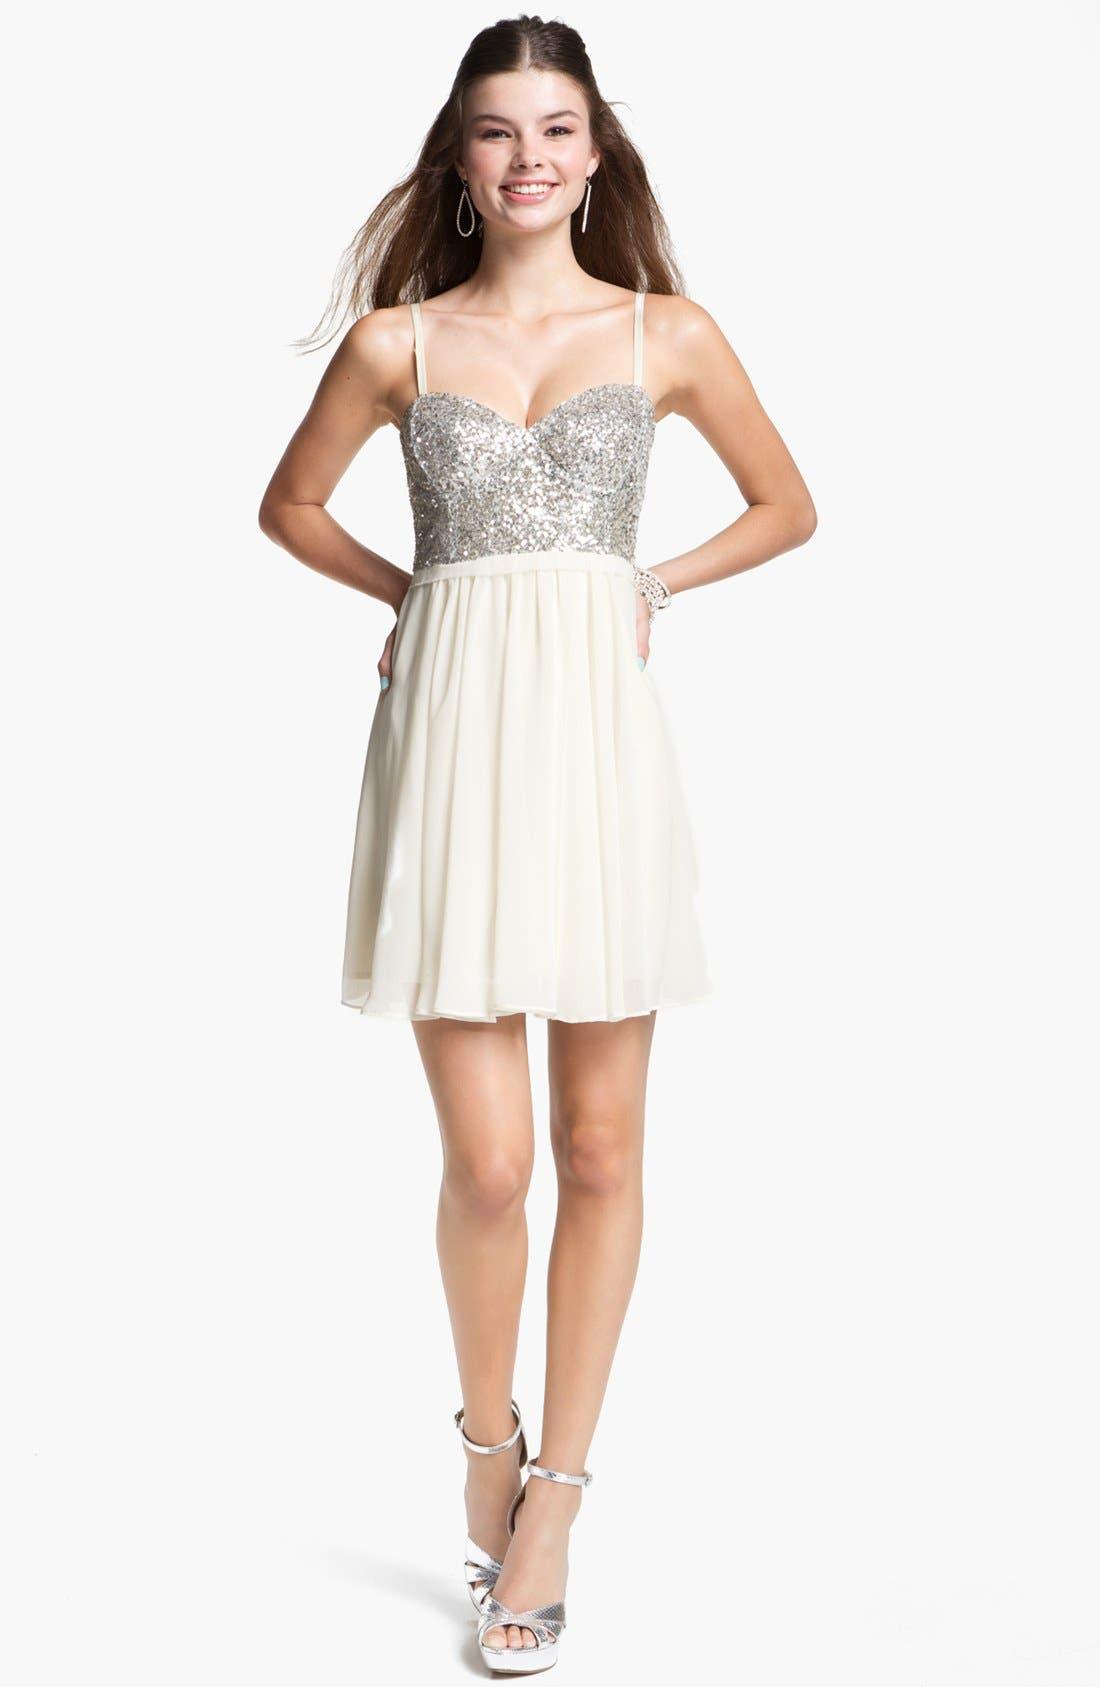 Alternate Image 1 Selected - En Crème Sequin Bustier Skater Dress (Juniors) (Online Only)